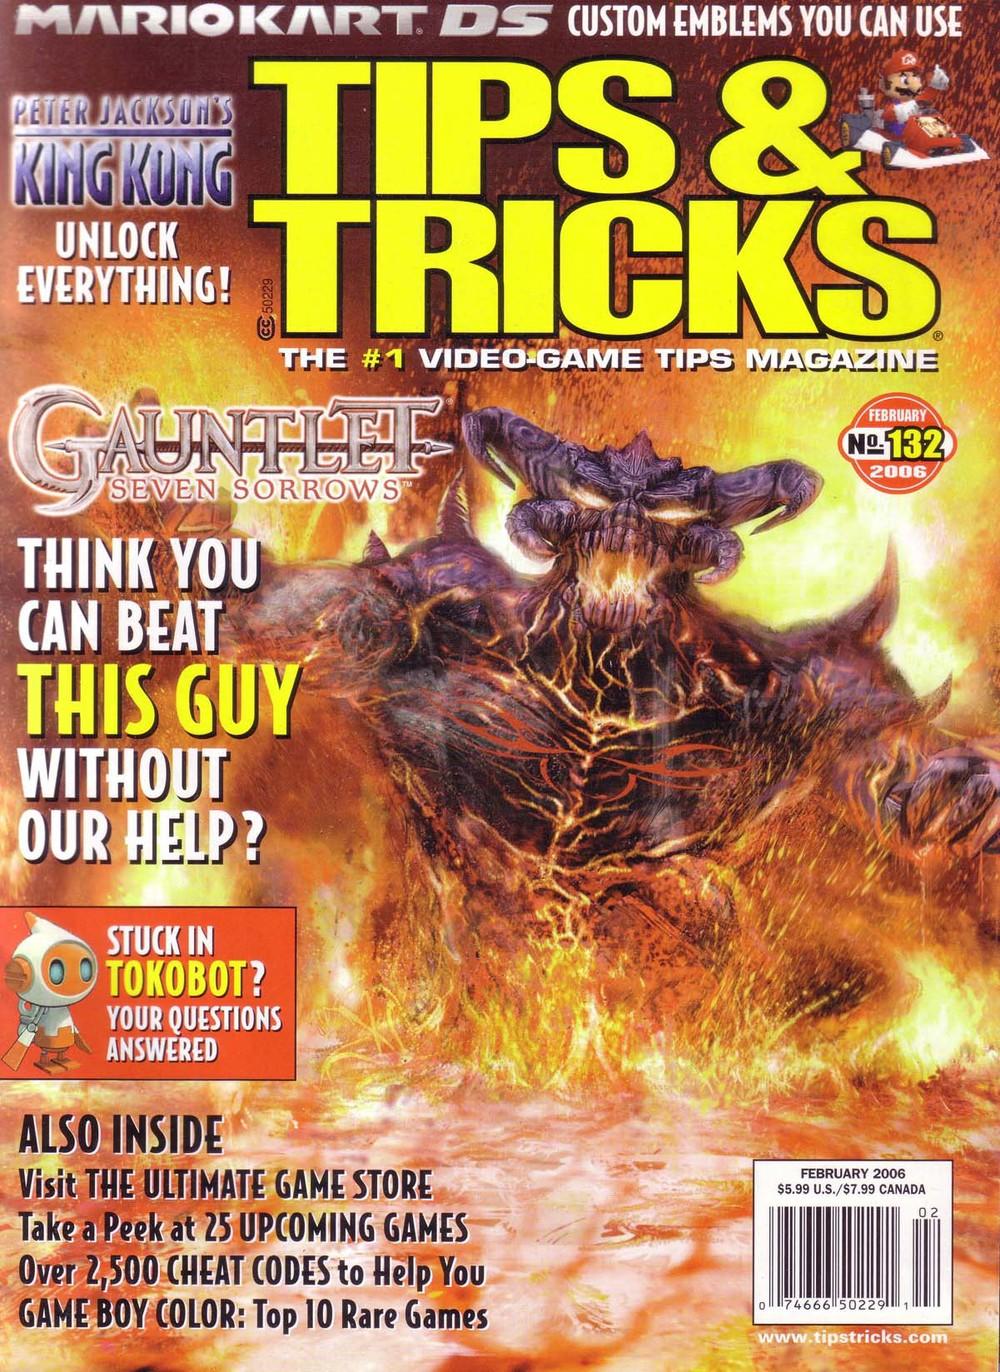 TipsandTricks_Feb_2006_Mario_Kart_Cover.jpg